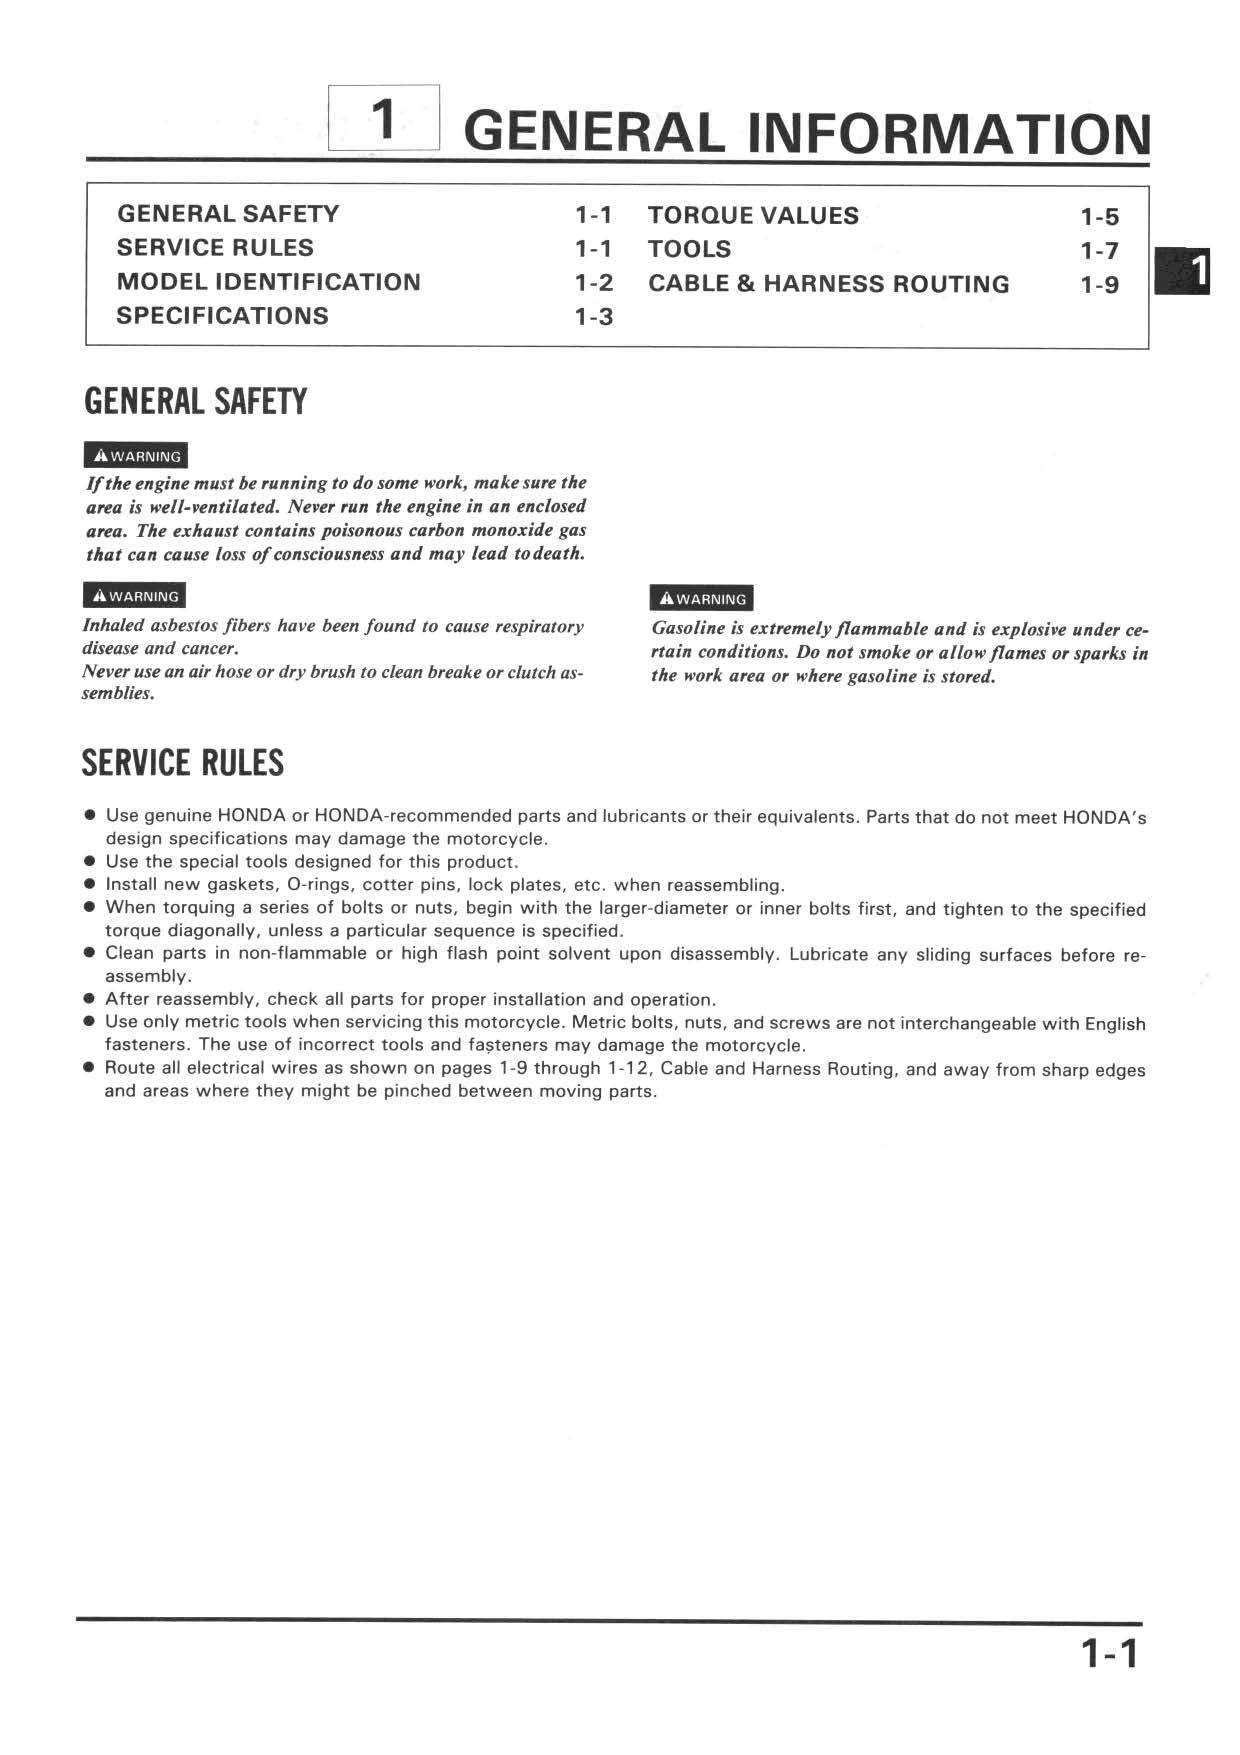 Workshop Manual for Honda XR600R (Multi-lingual)